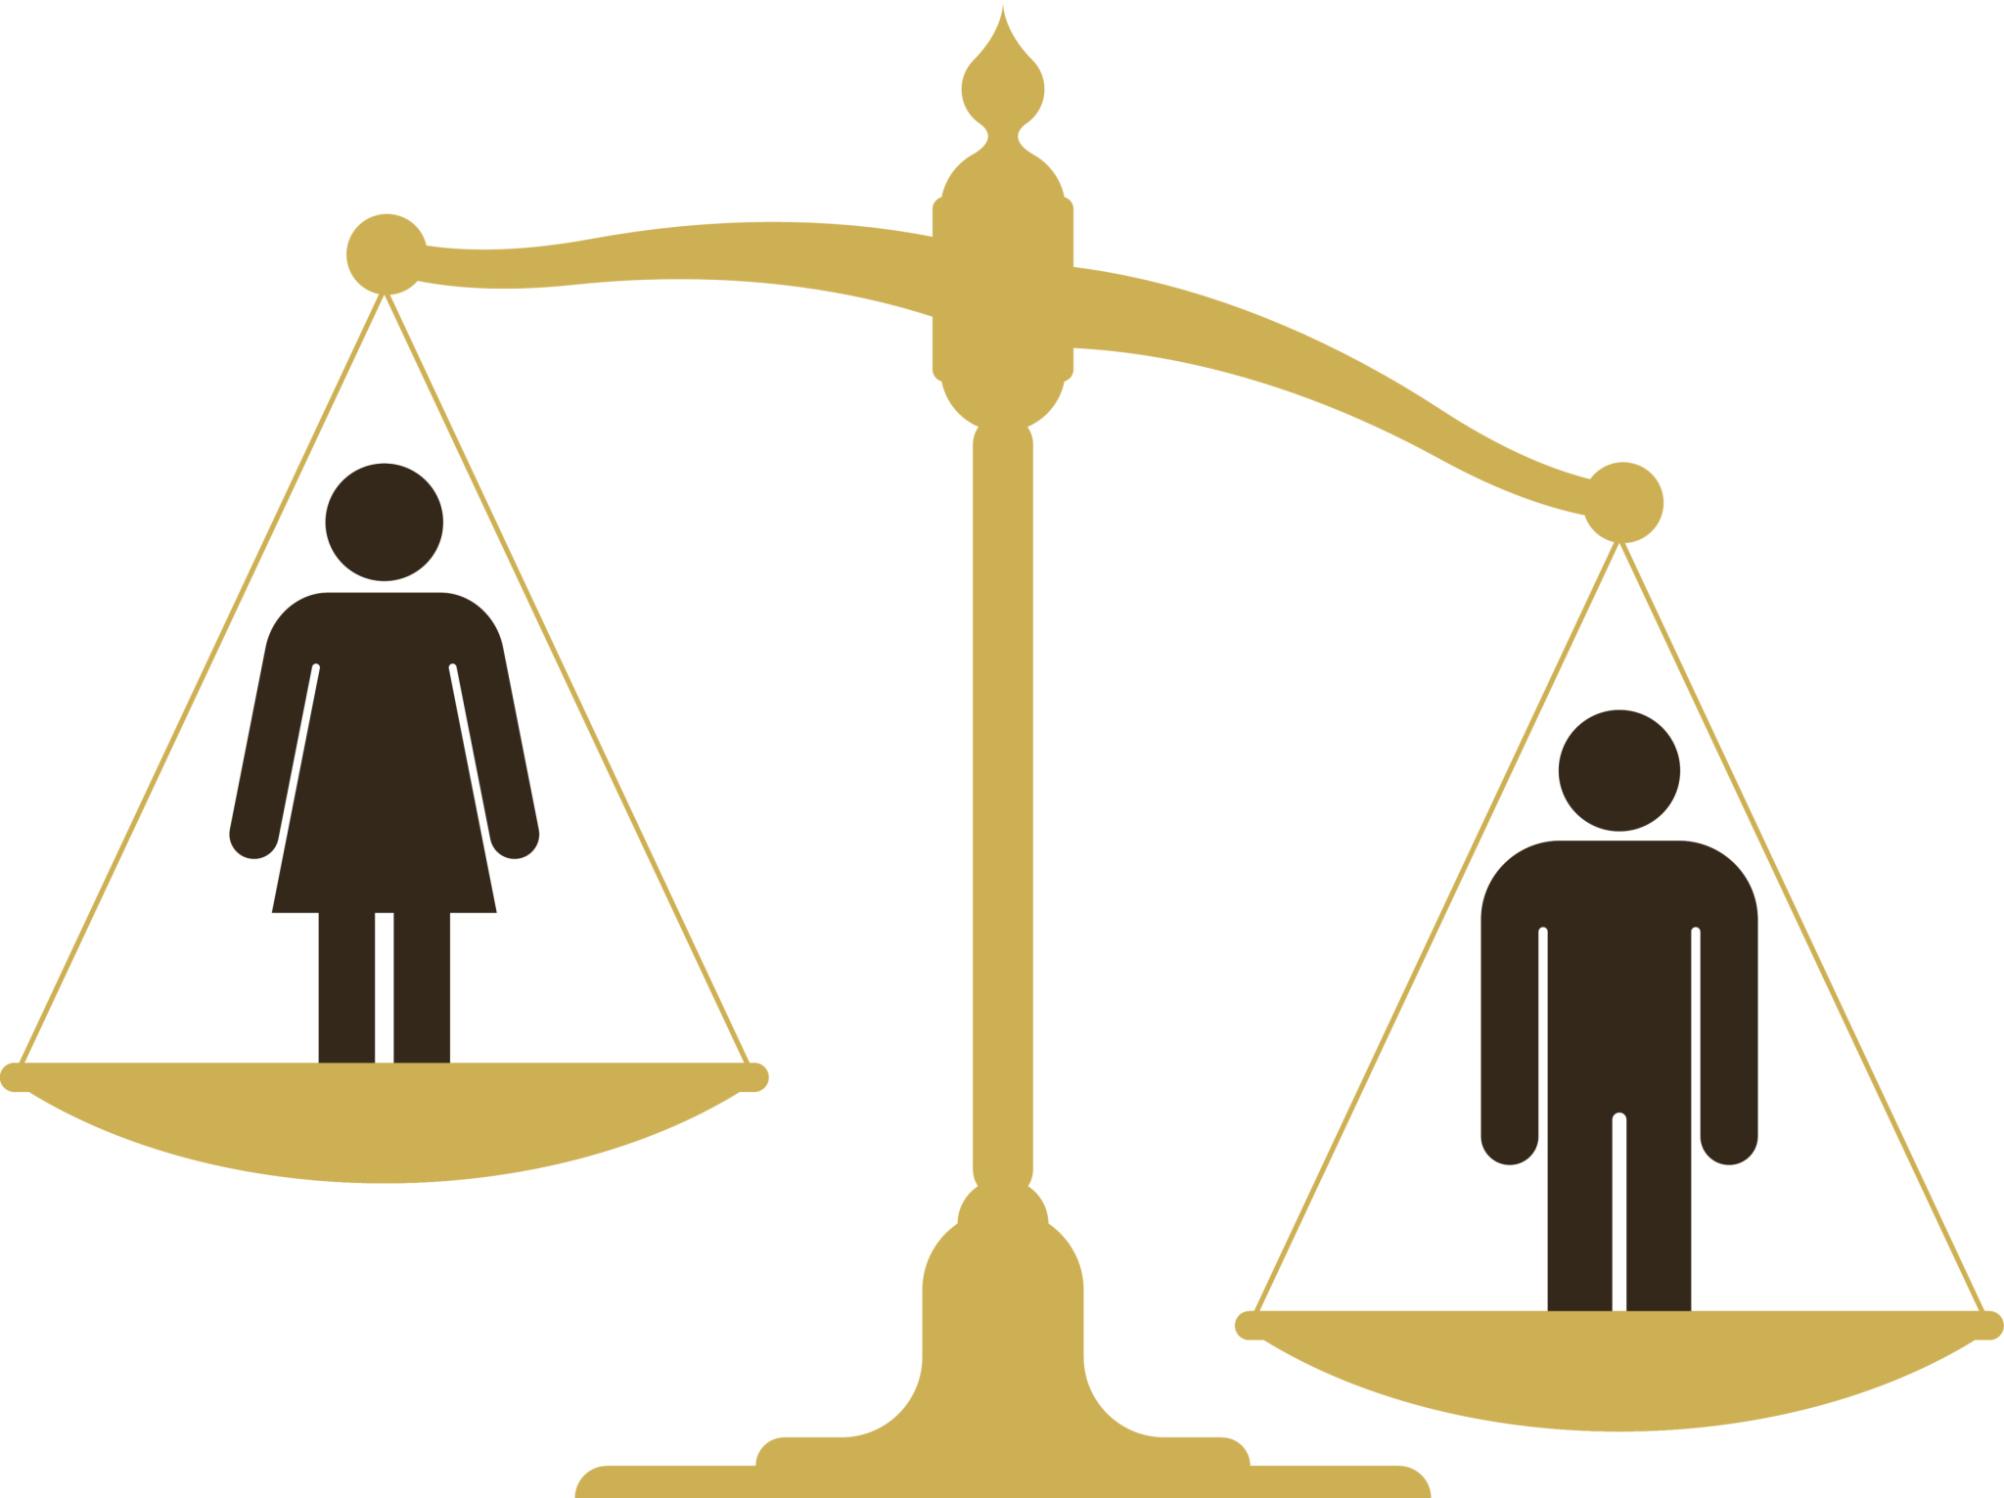 La Ley de Acceso definió por primera vez los tipos de violencia, psicológica, física, económica, patrimonial y sexual, para dejar claro que la violencia no necesariamente produce lesiones físicas.